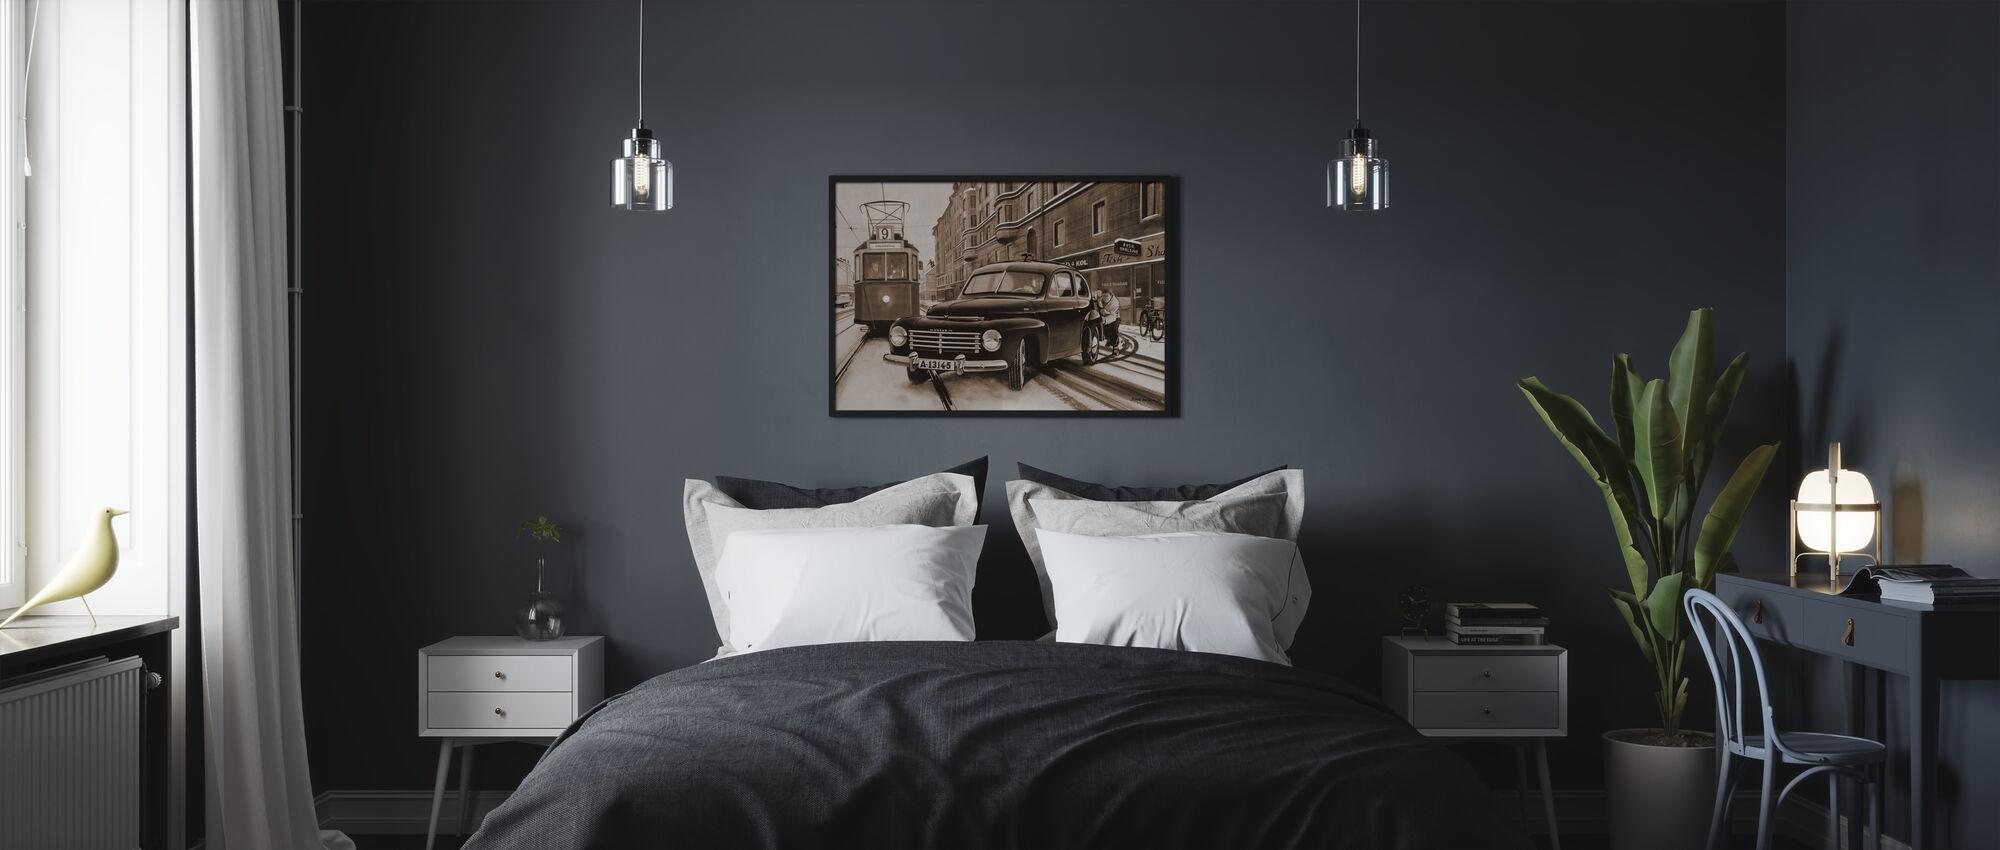 PV In Stockholm, Sweden - Poster - Bedroom